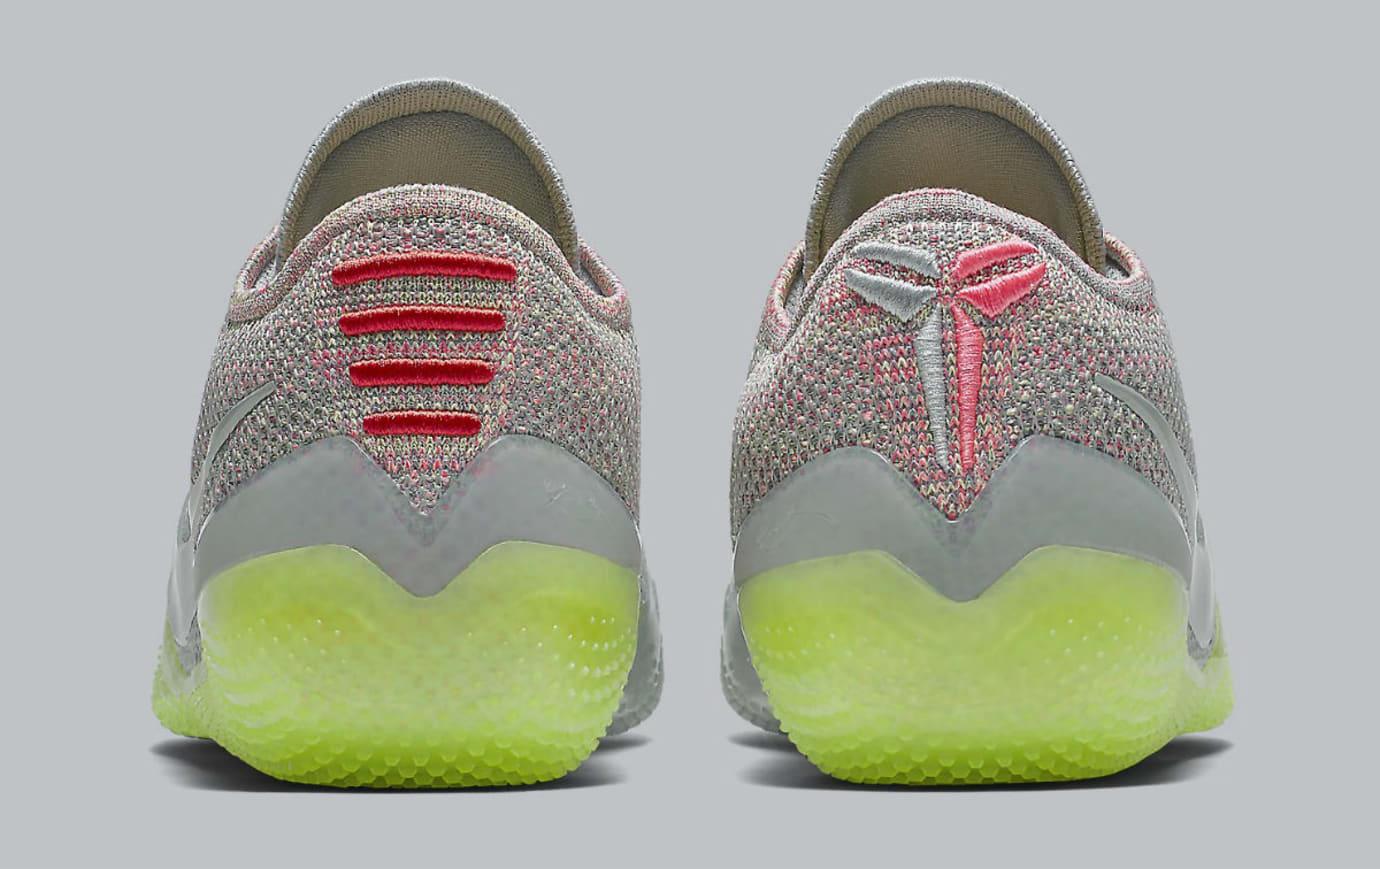 Nike Kobe A.D. NXT 360 Grey Multicolor Release Date AQ1087-003 Heel